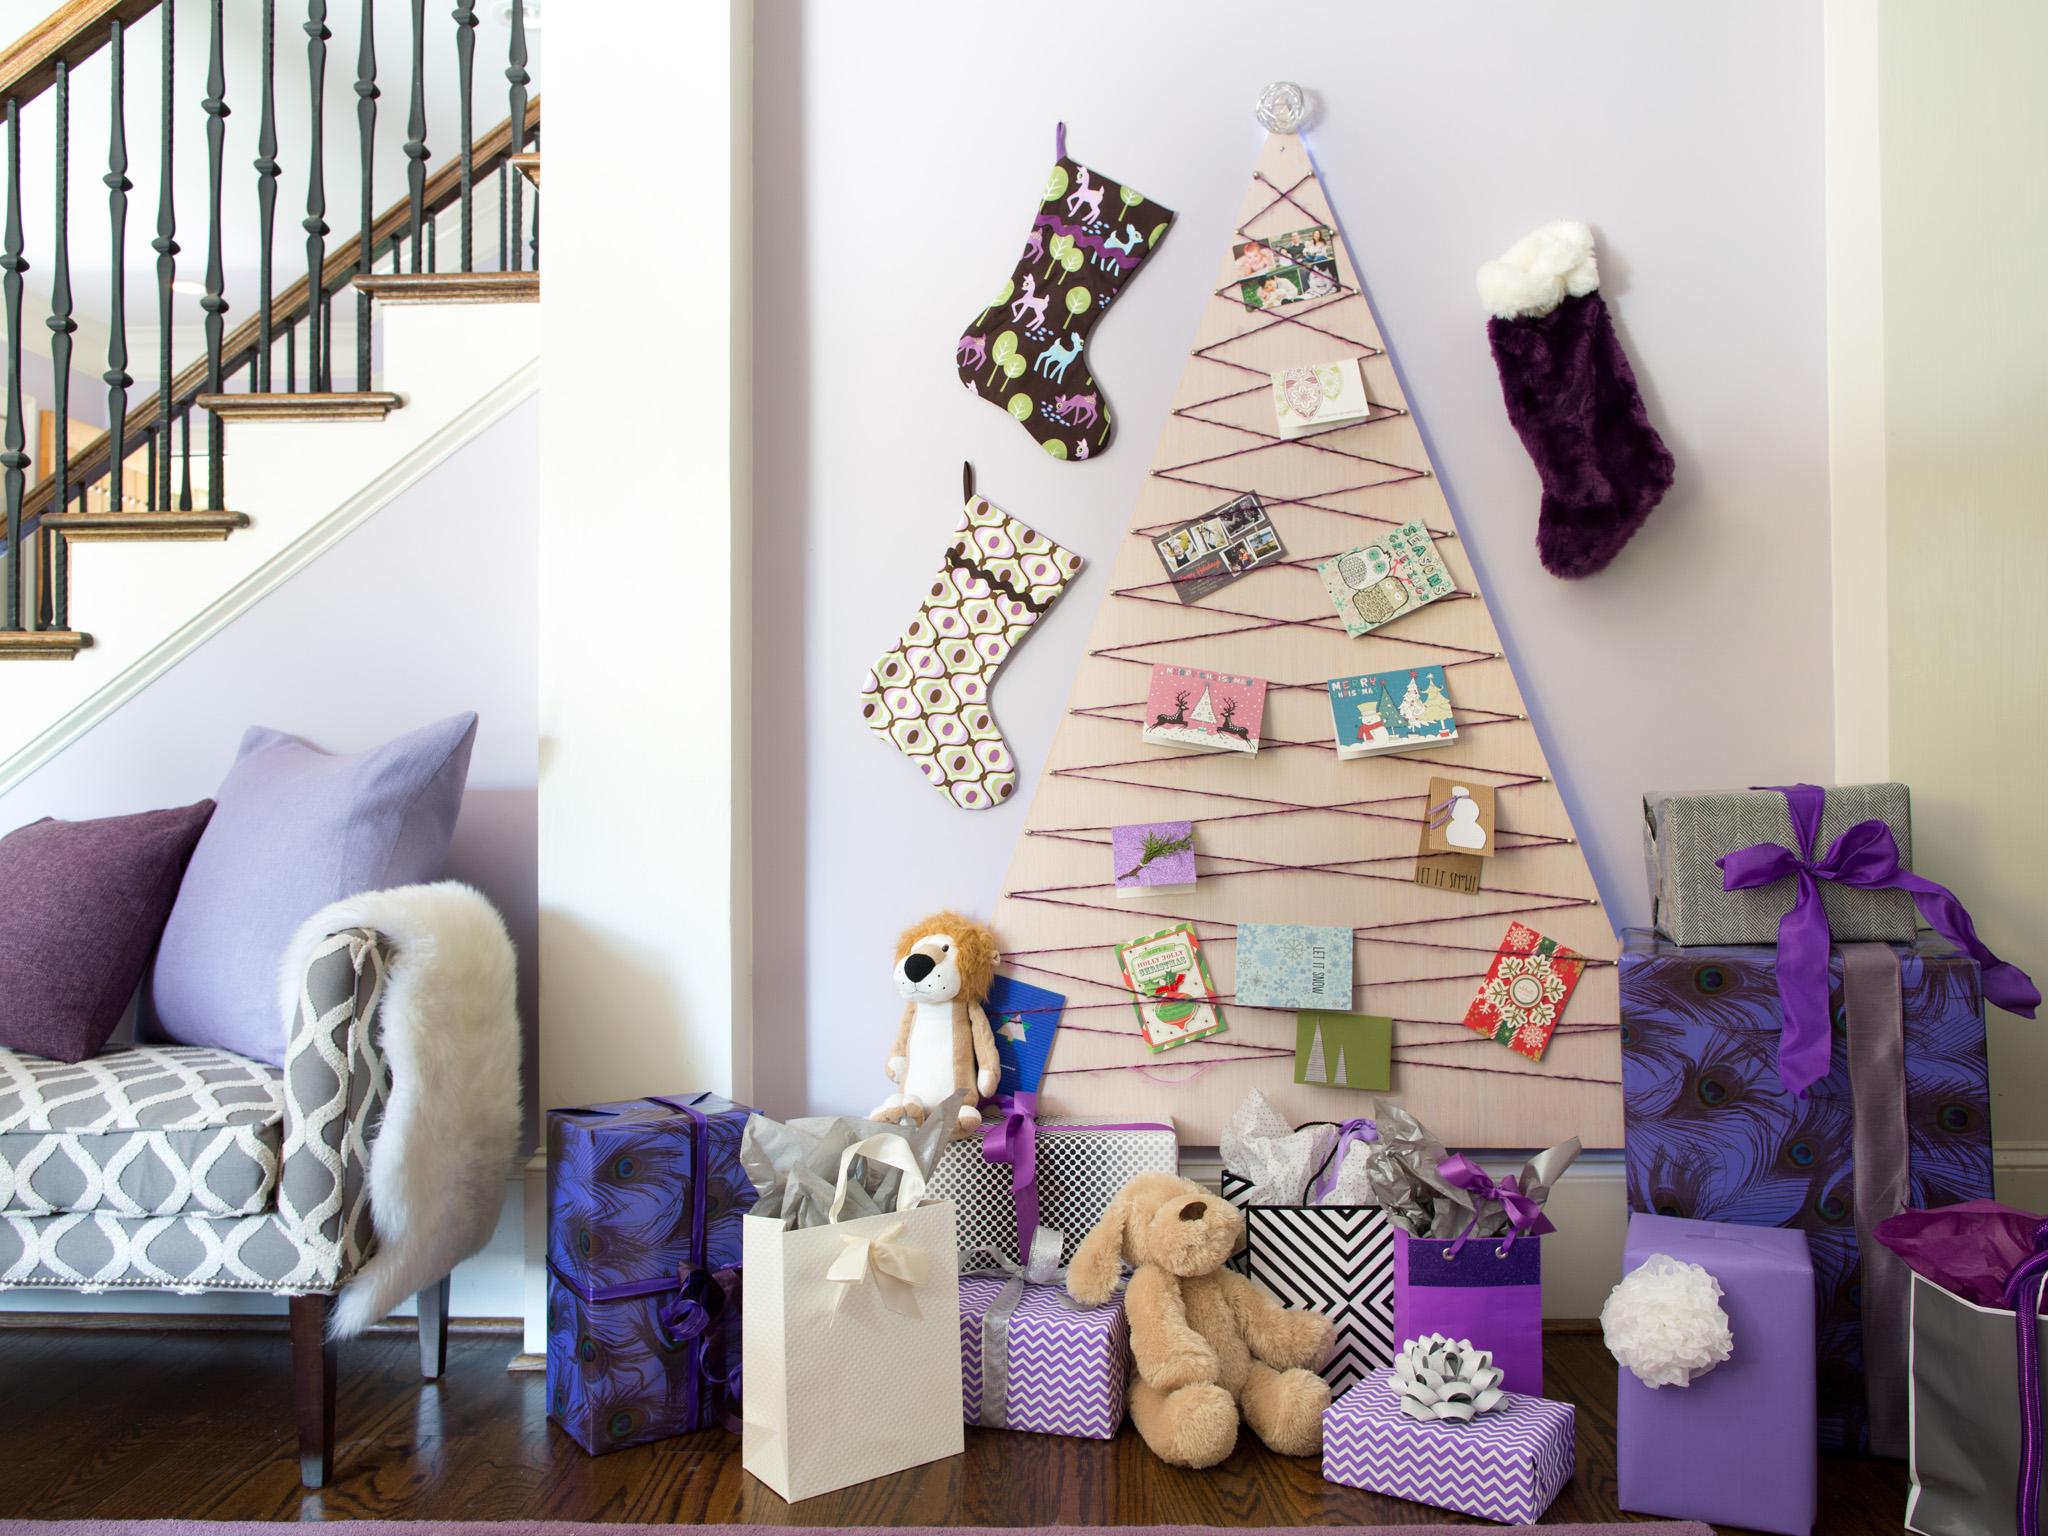 """Как оригинально украсить комнату на новый год своими руками """" Картинки и фотографии дизайна квартир, домов, коттеджей"""